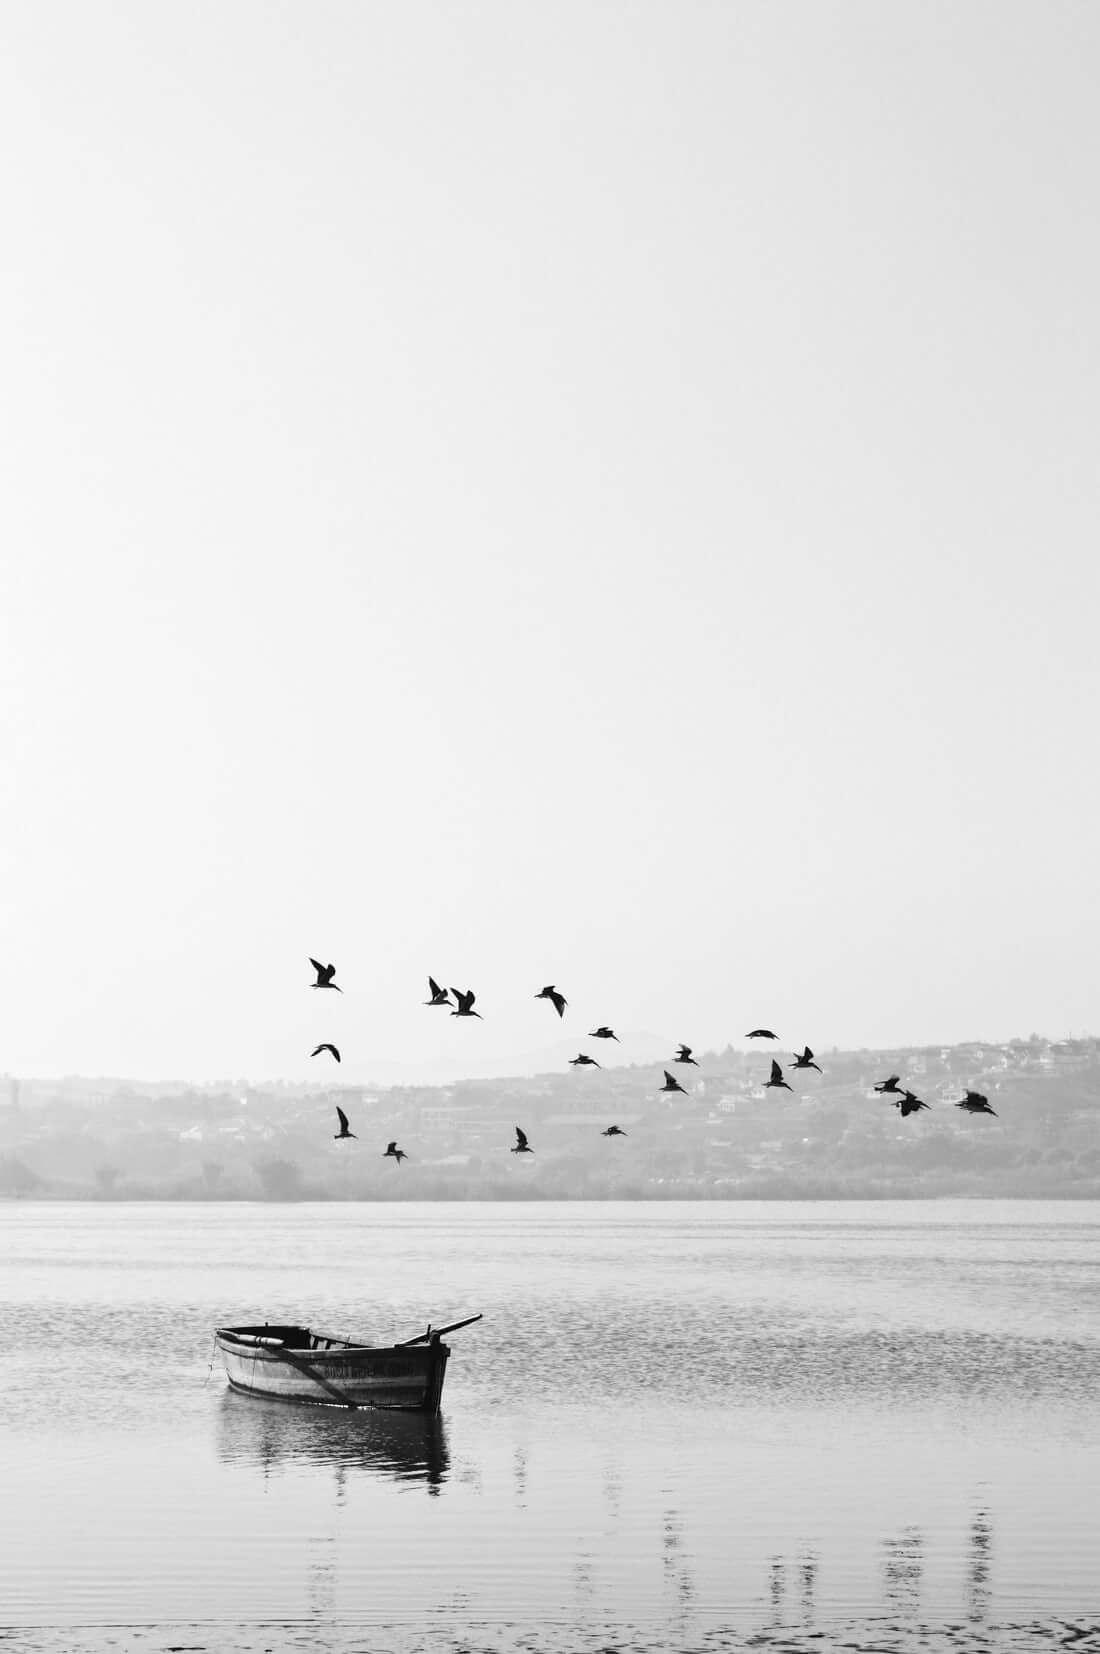 boat-in-lake